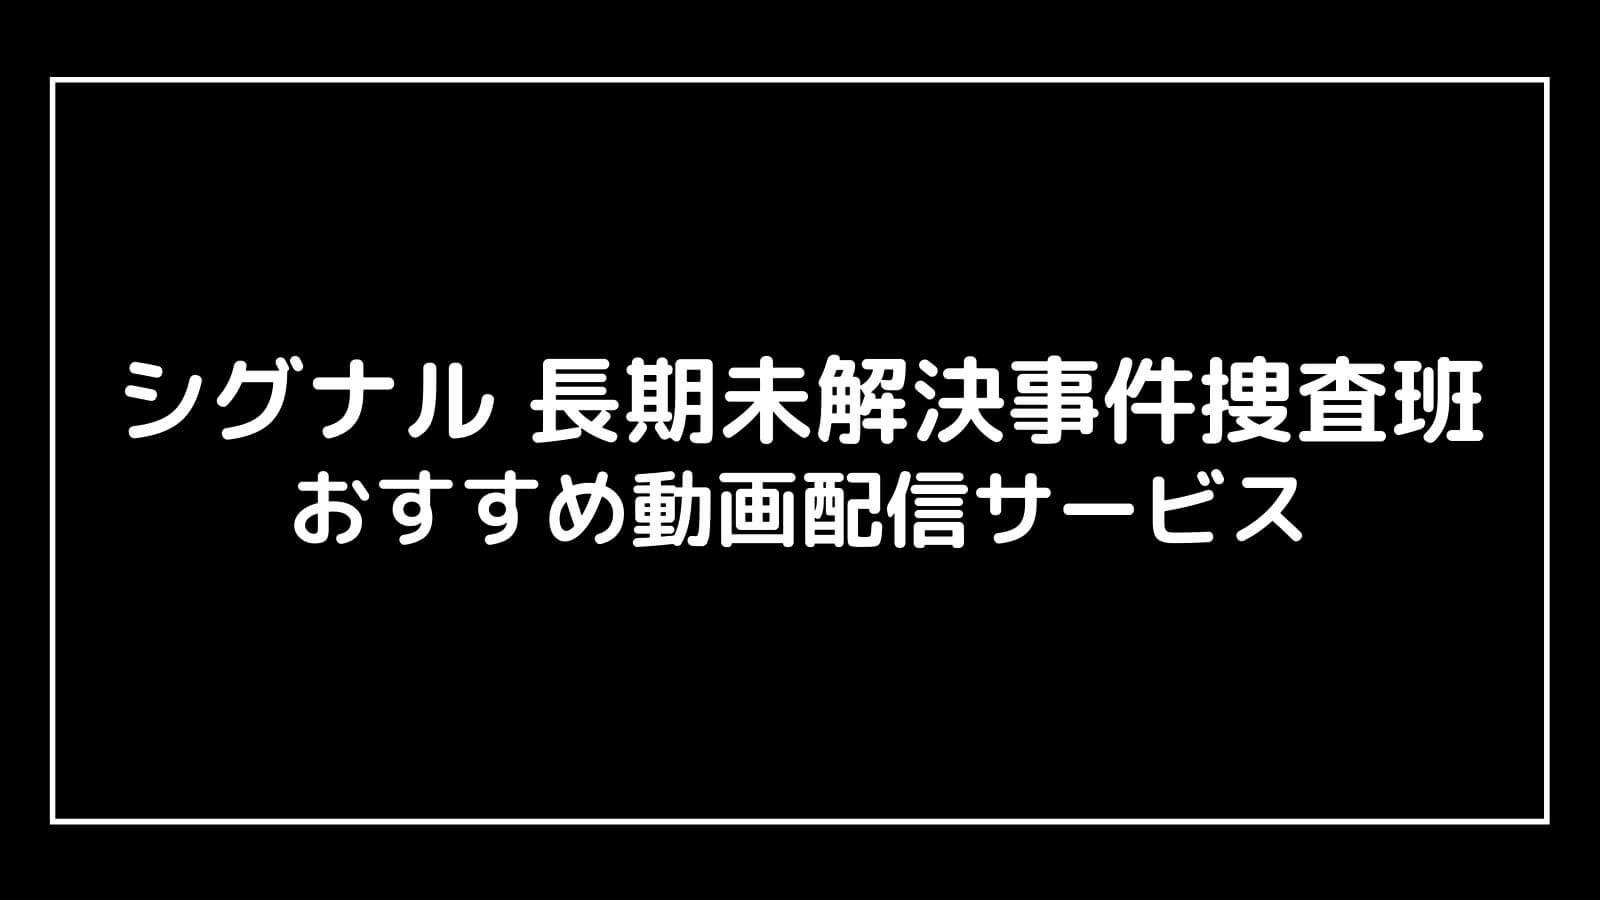 『シグナル 長期未解決事件捜査班』映画版の無料動画配信をフル視聴する方法